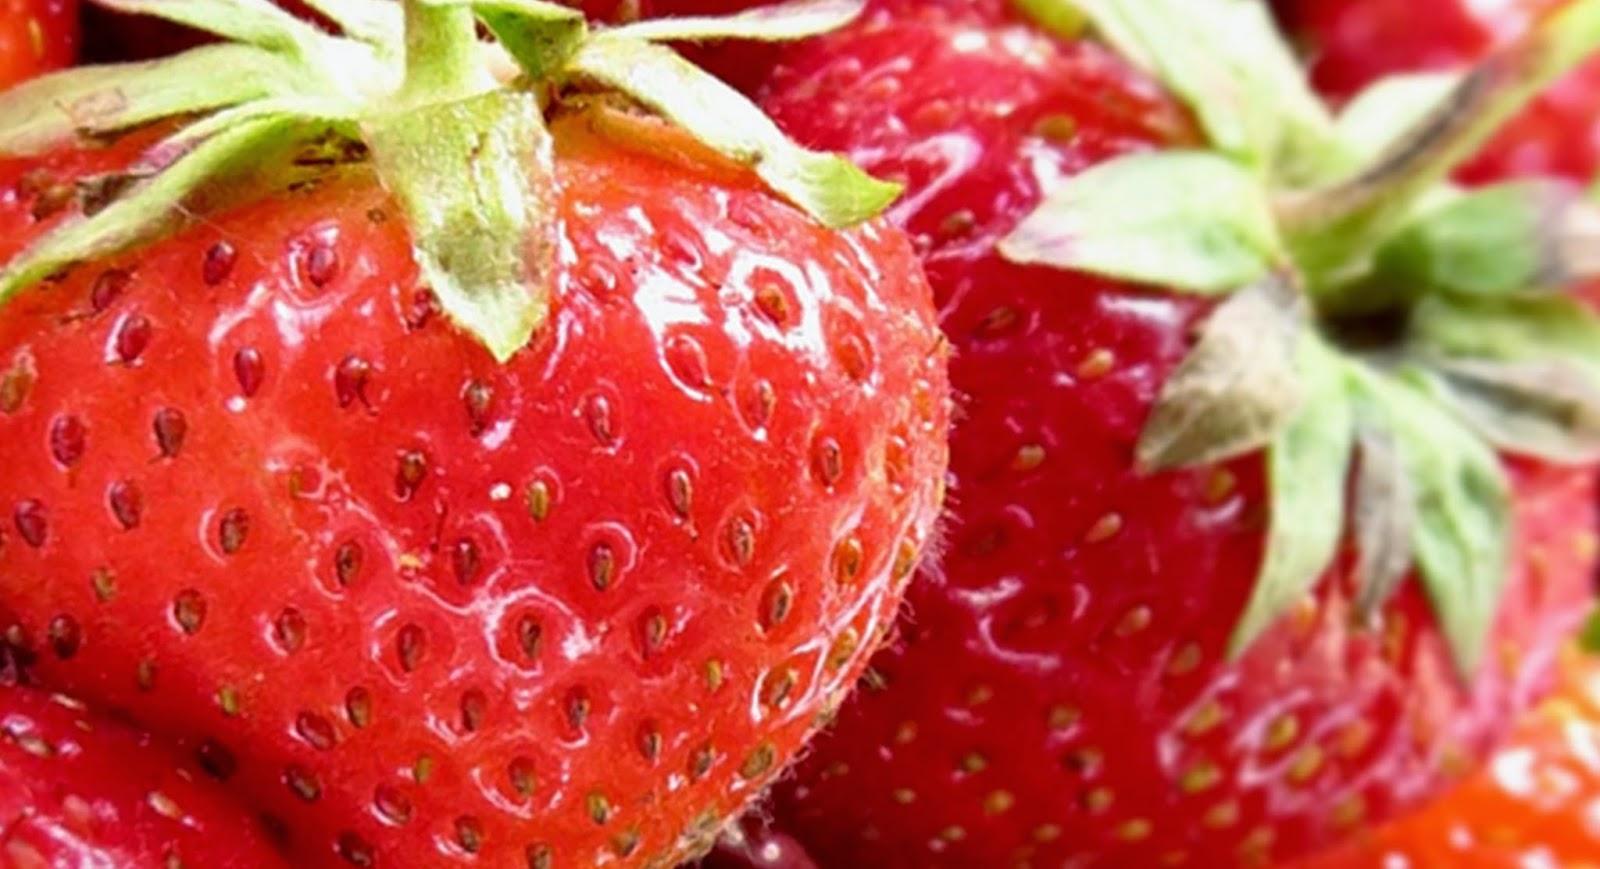 Khasiat dan Manfaat Stroberi untuk Kesehatan Tubuh